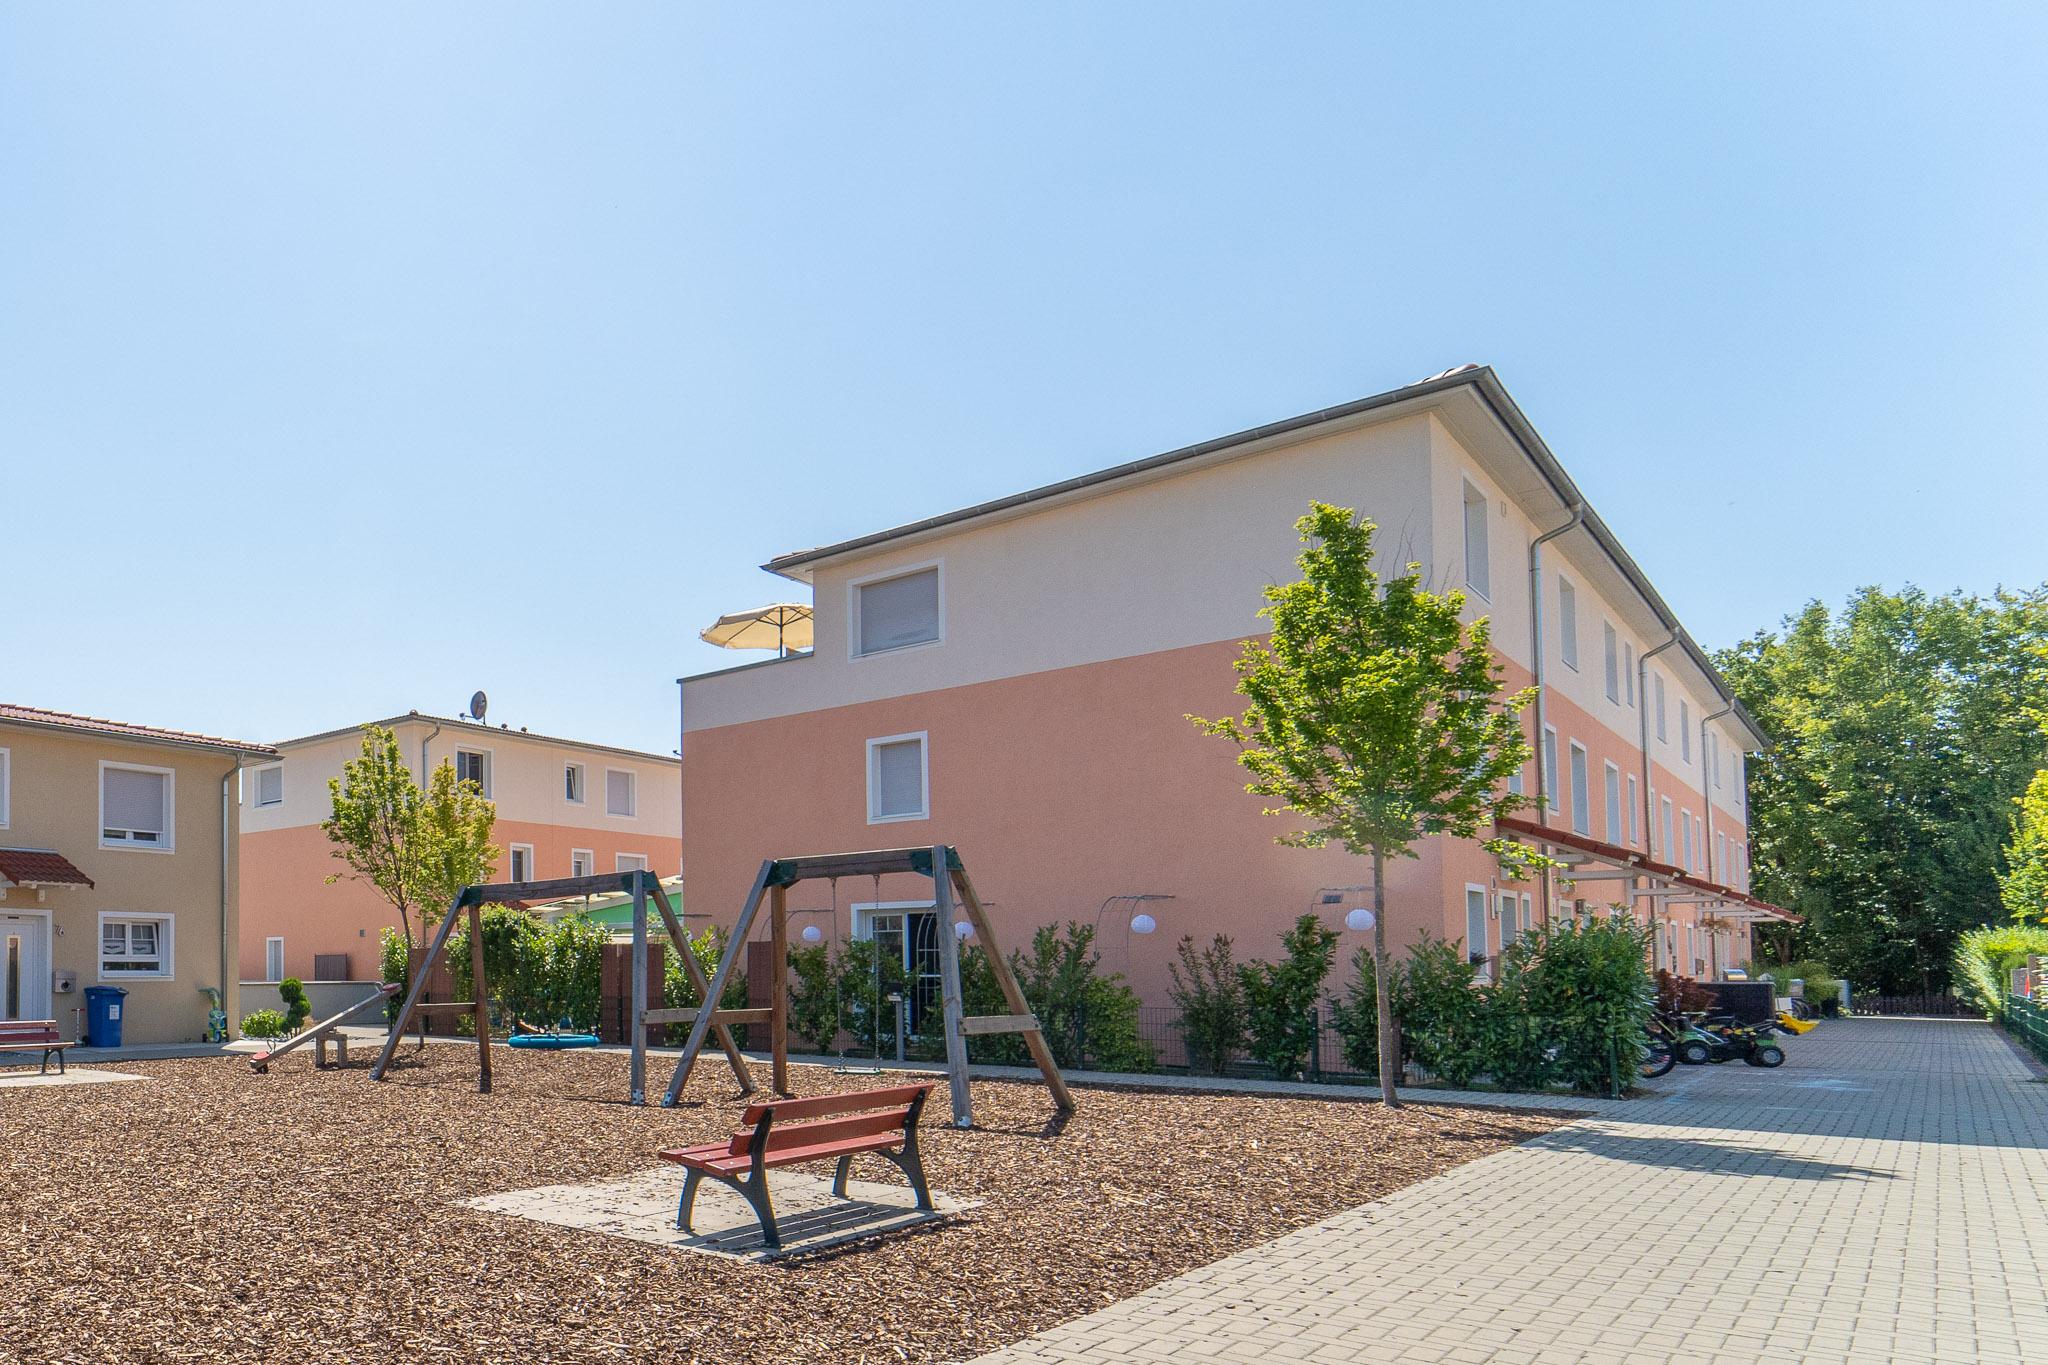 Leben wie in der Toskana! Modernes energieeffizientes Reihenendhaus in sehr guter Lage in Rheinfelden-Herten